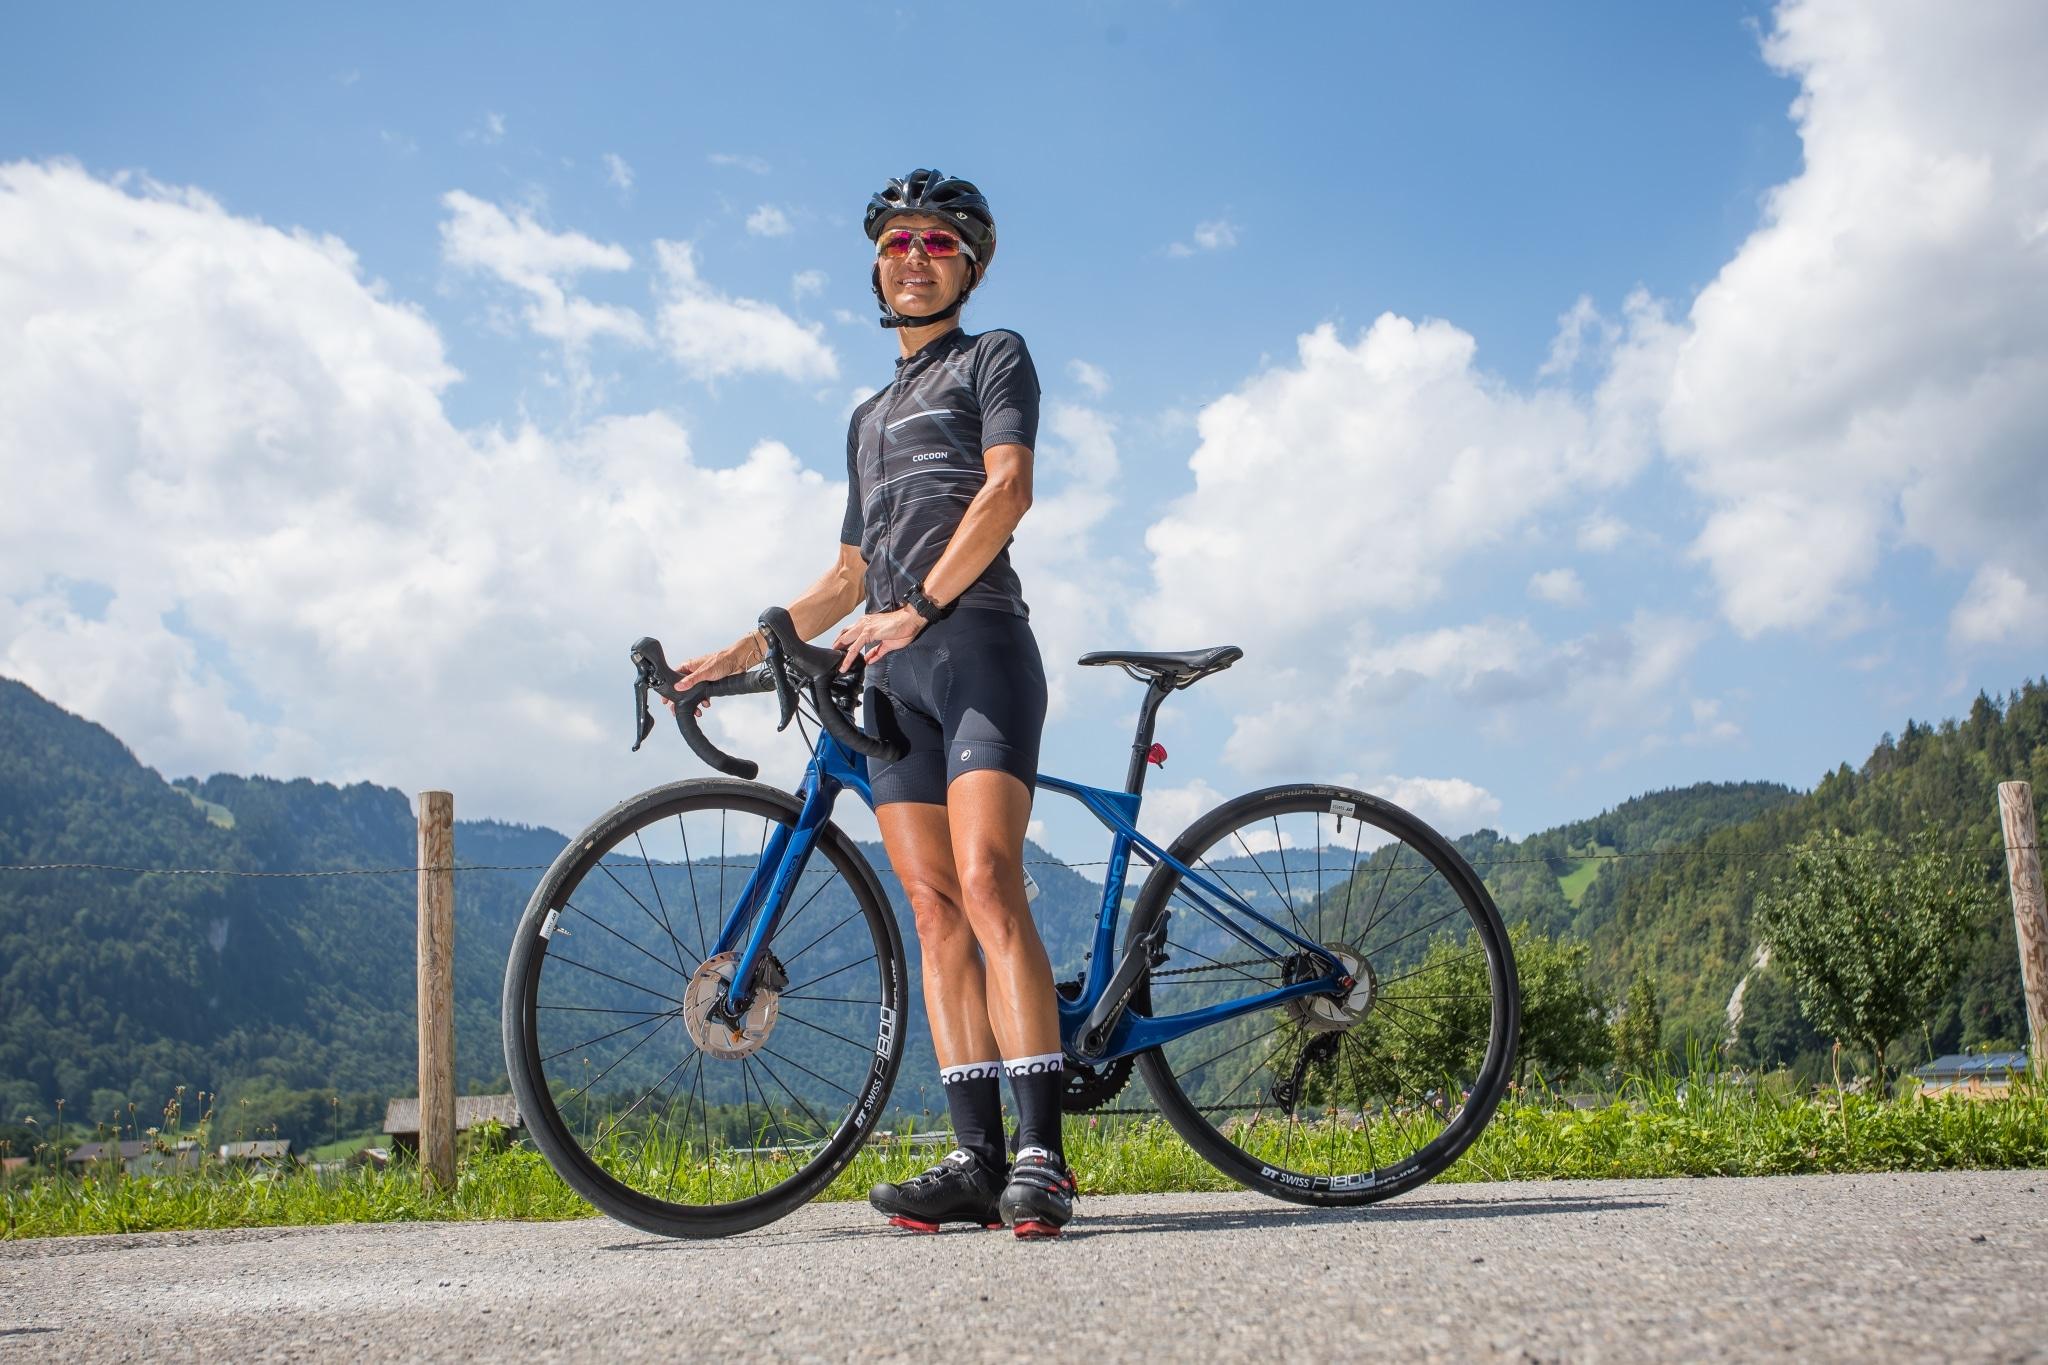 Radfahren & Radbekleidung - Lindenhof Bikedress